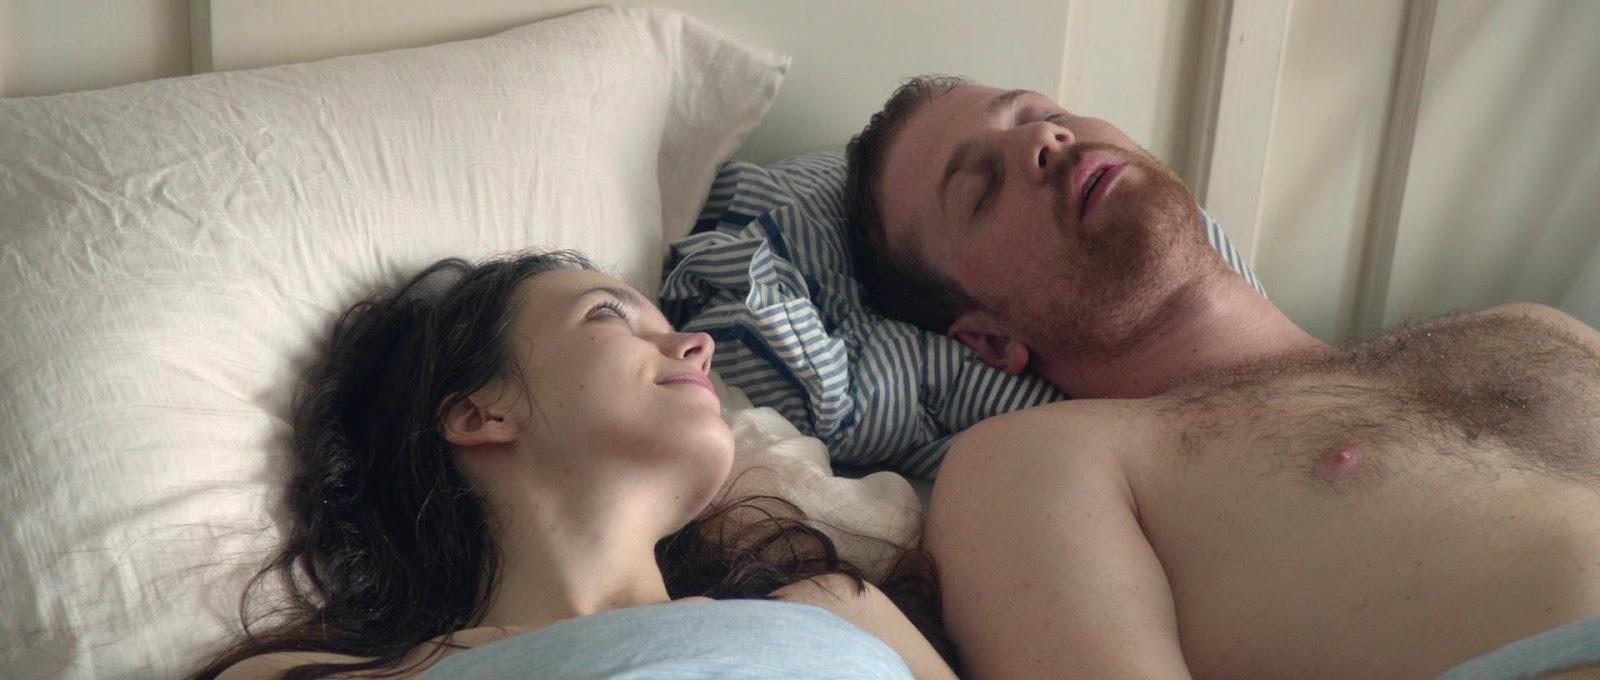 Поруха смотреть онлайн без регистрации, Порно онлайн смотреть бесплатно в хорошем качестве 3 фотография